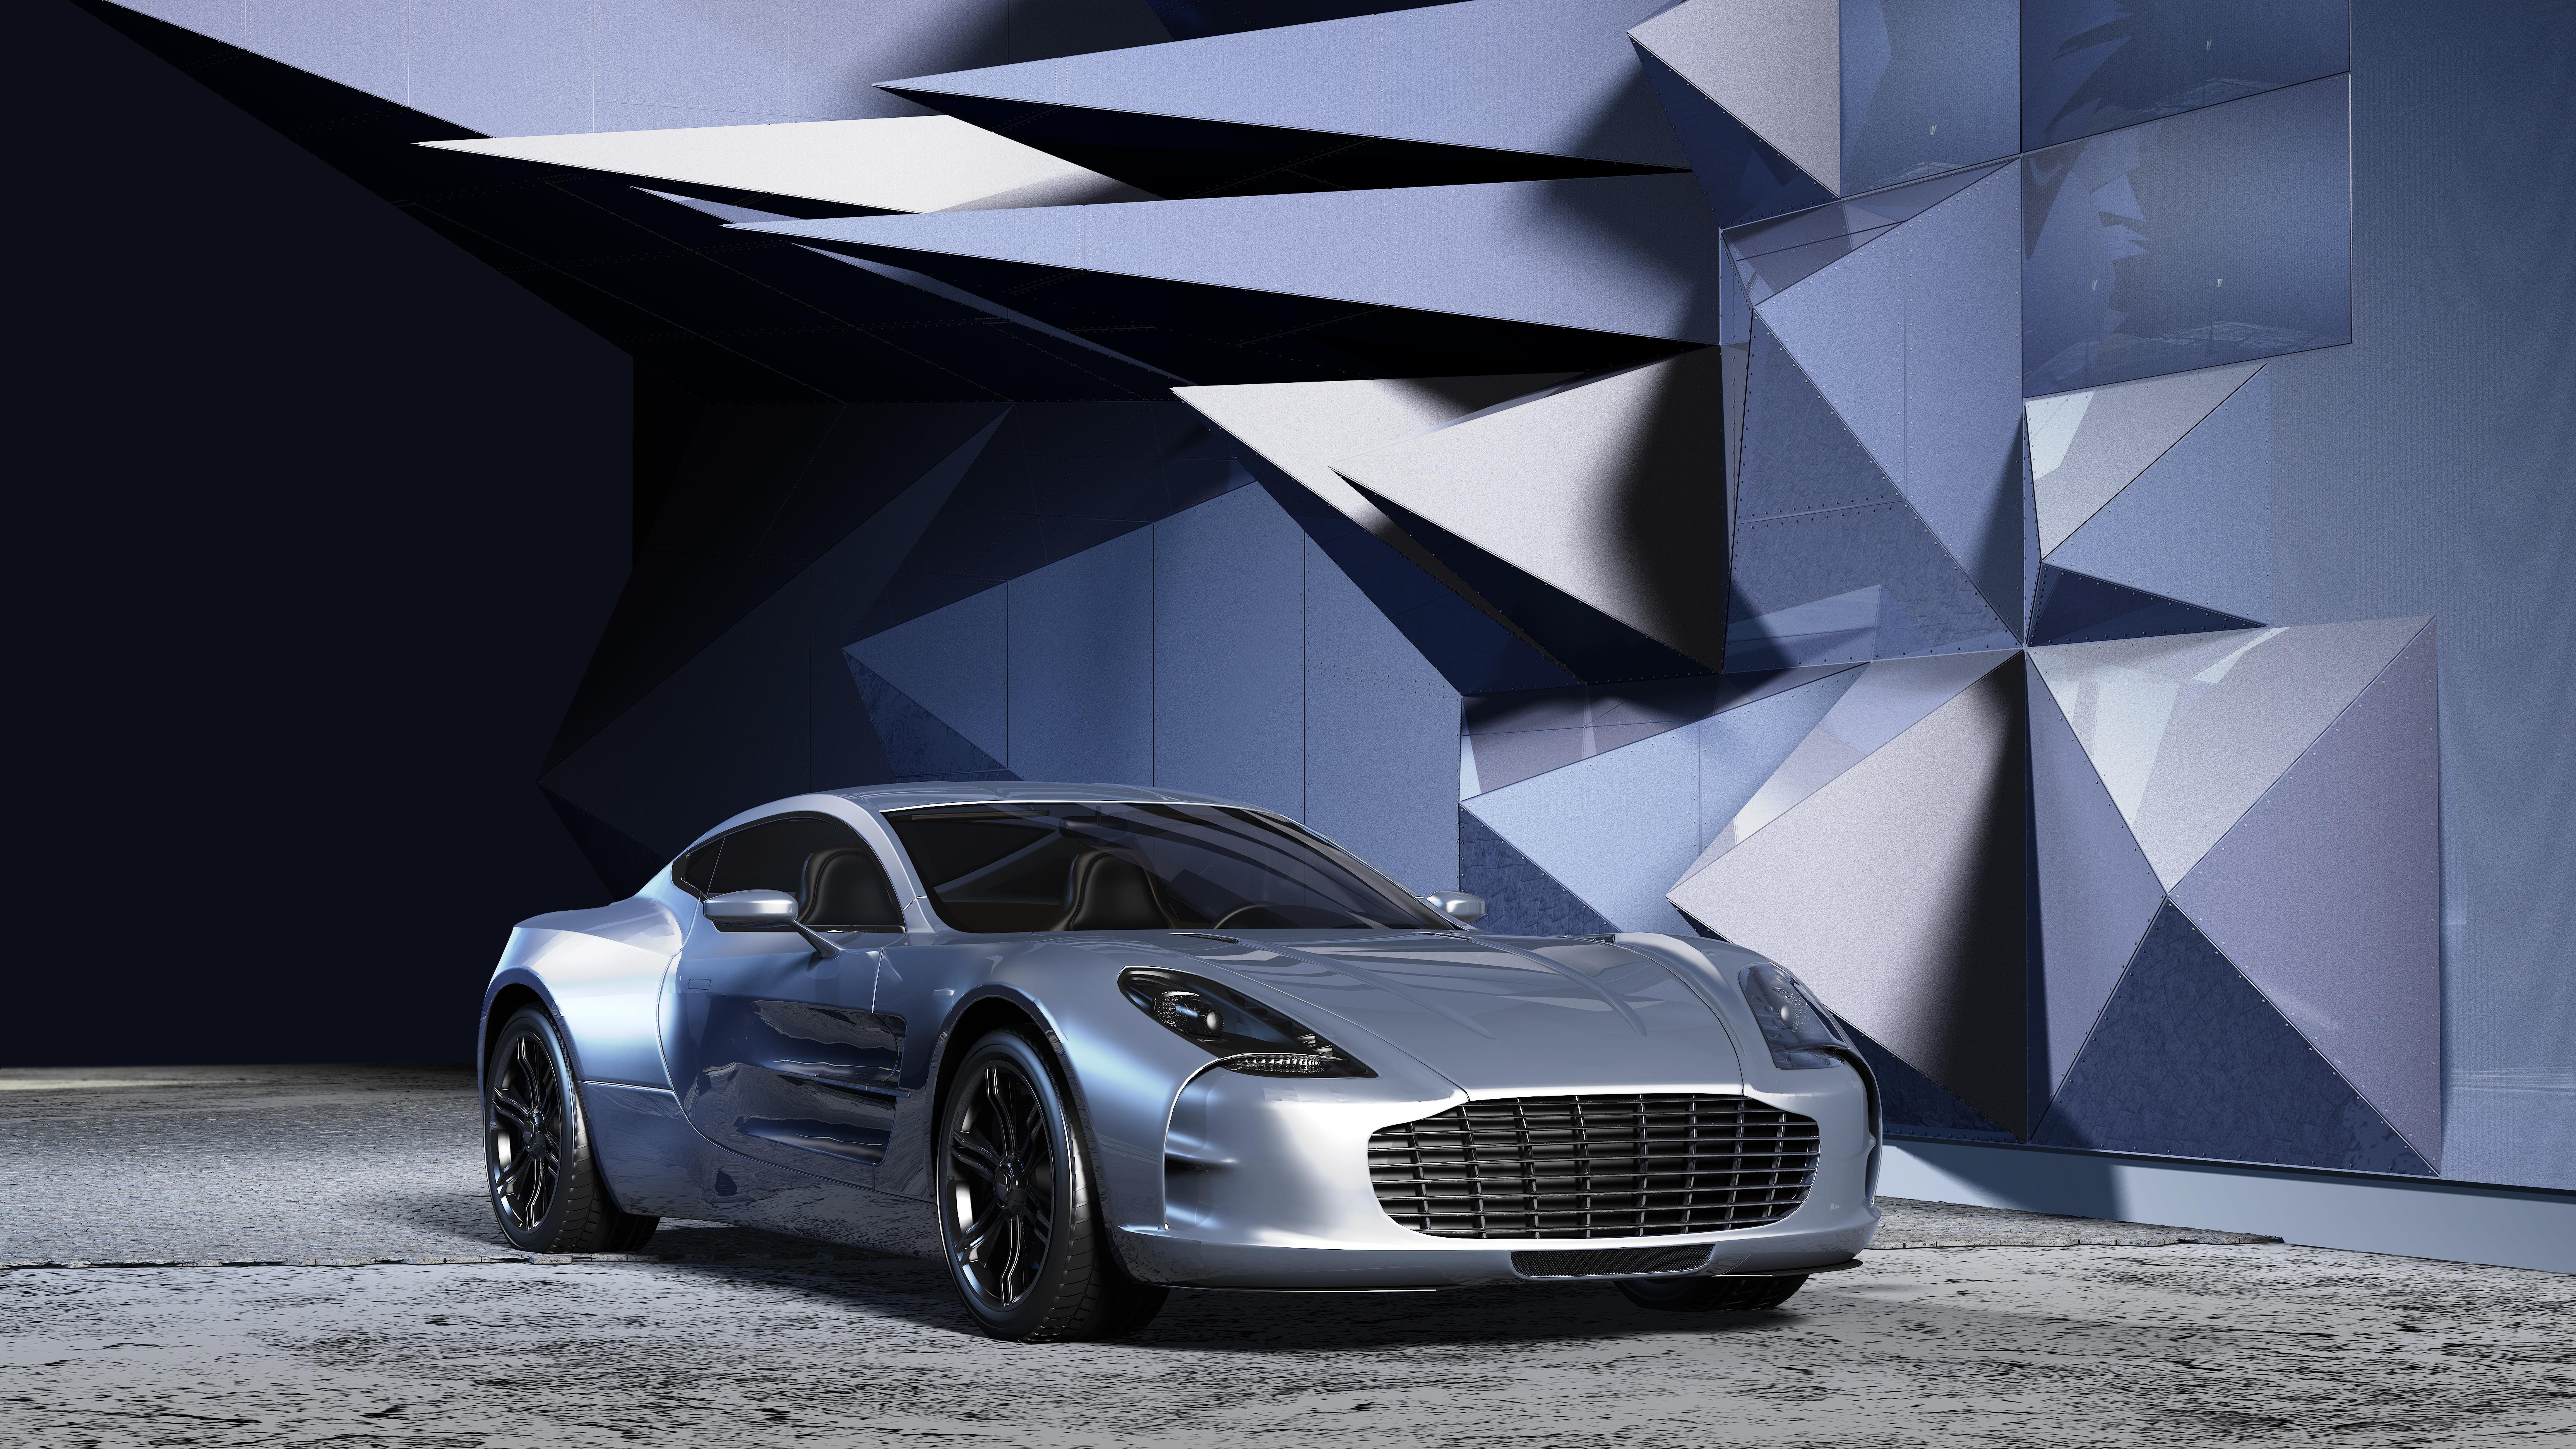 Immagine 3Customisation-of-luxury-goods-03